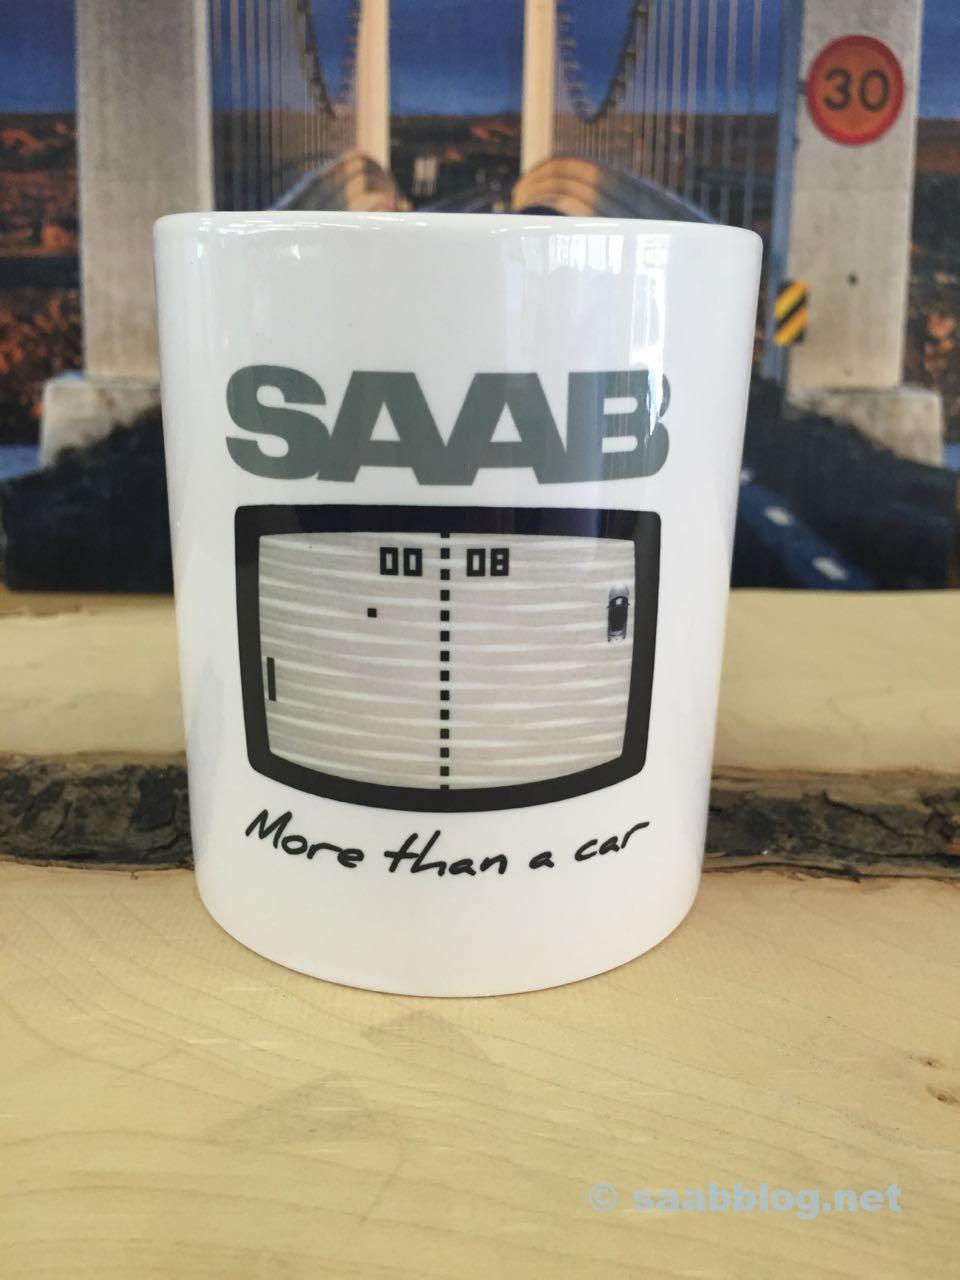 Saab video game